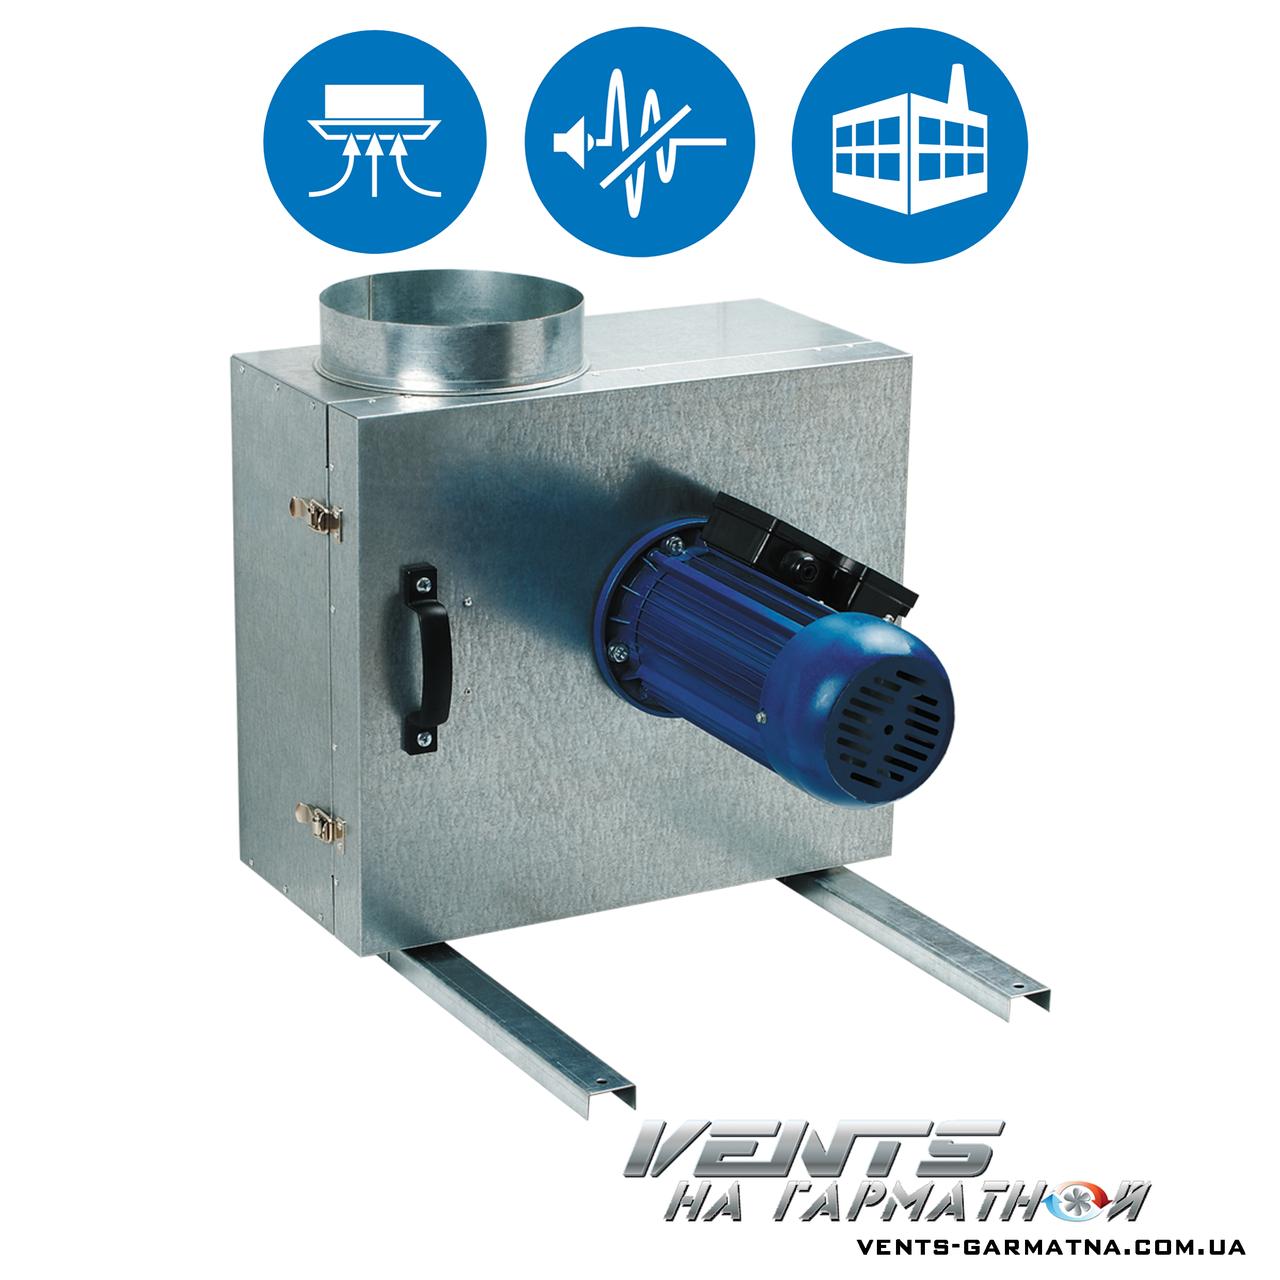 Вентс КСК 315 2Е. Центробежный вытяжной кухонный вентилятор в шумоизолированном корпусе